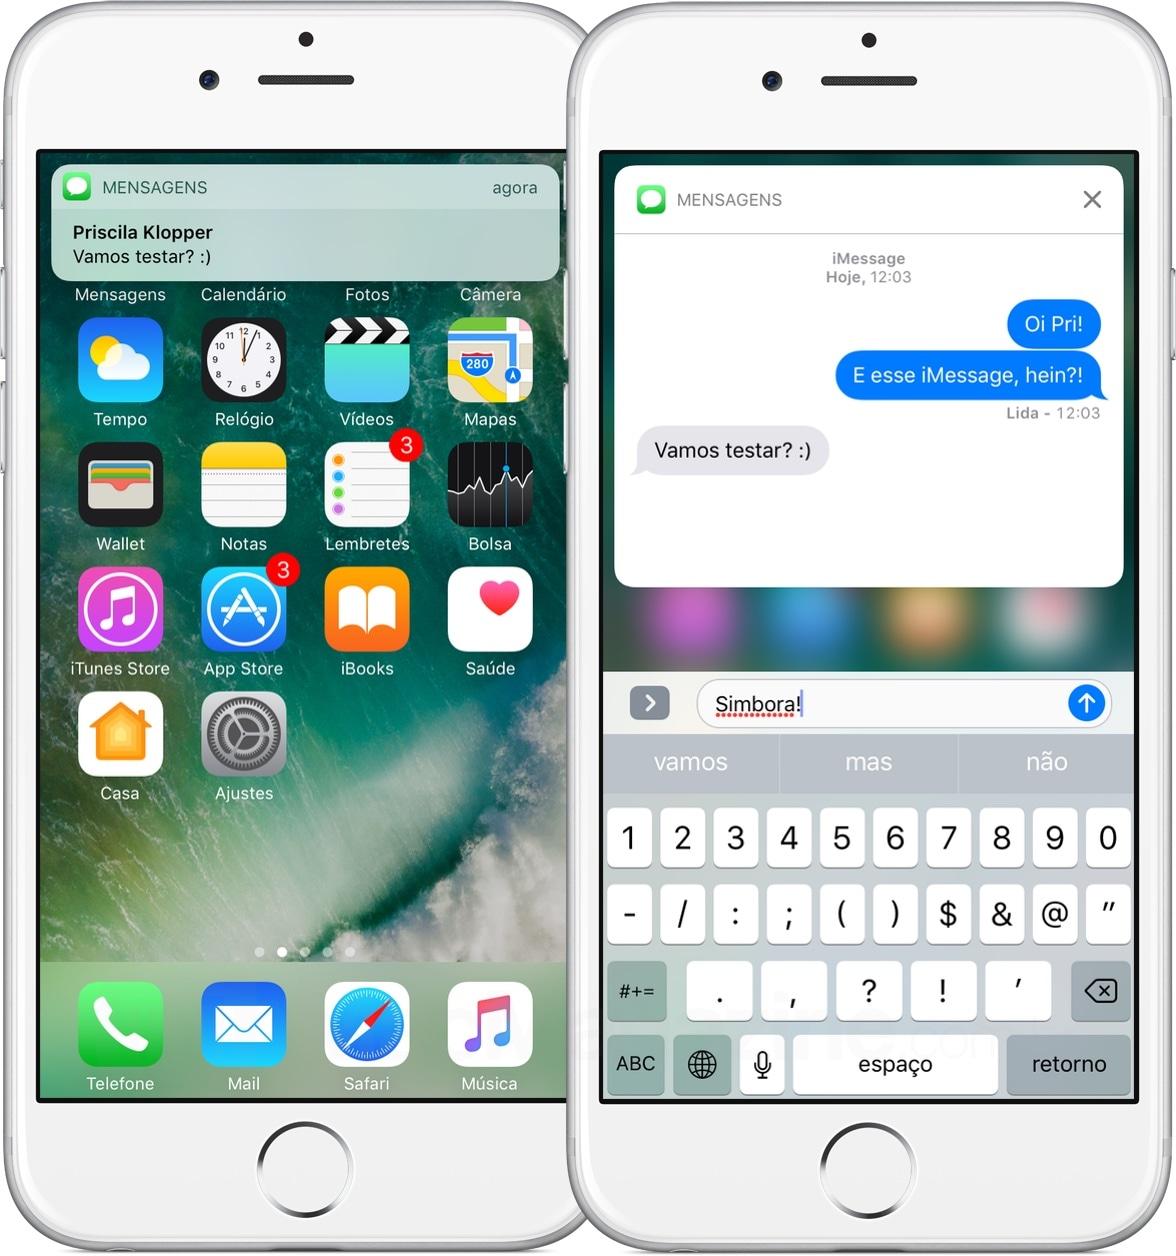 Notificações ricas para o iMessage do iOS 10